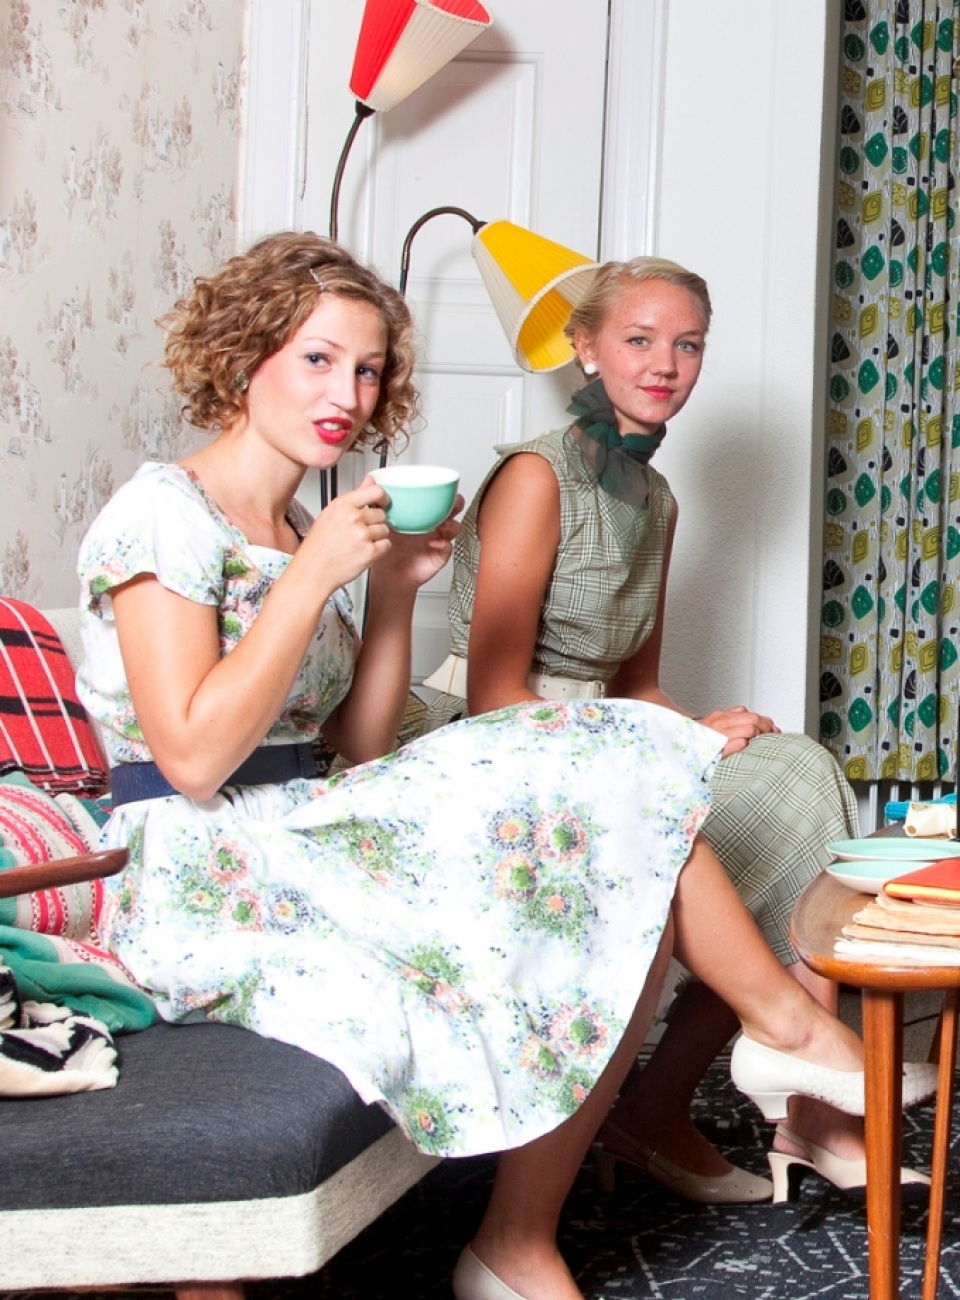 1950'er mode, 50'er kostumer, filmudlejning, kostumeudlejning, retro, vintage